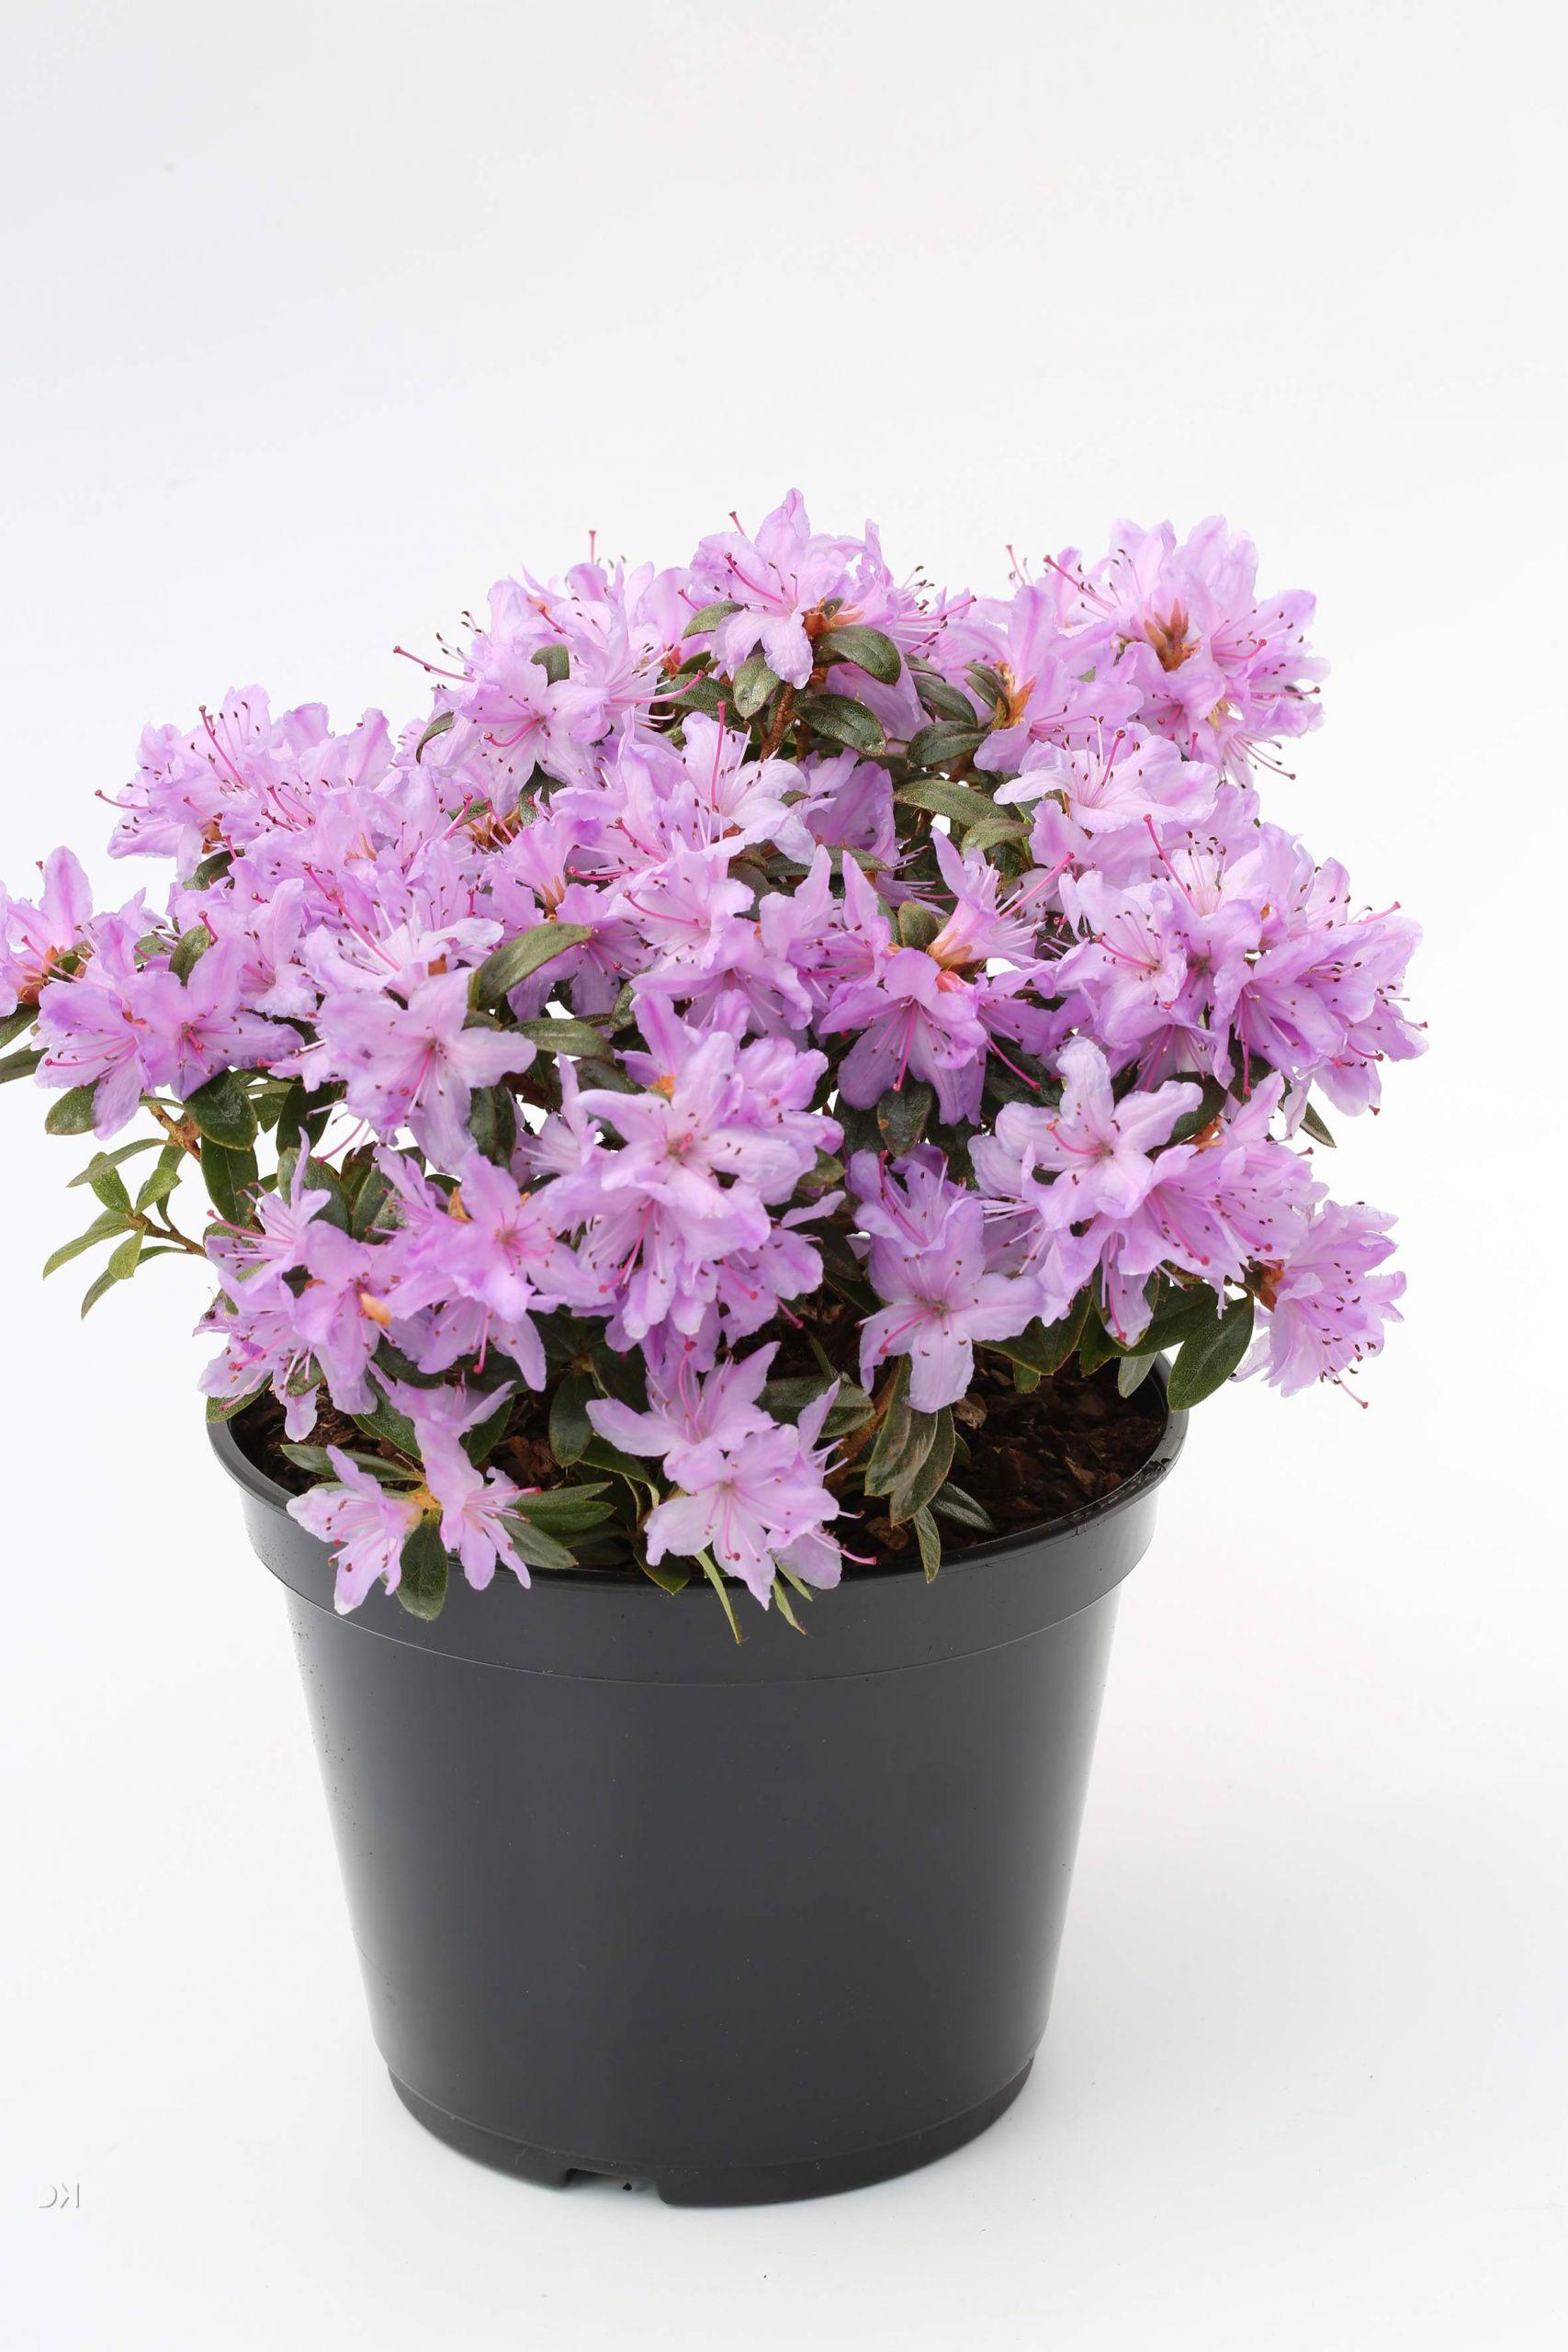 Rhododendron impeditum Moerheim 1S1B9592